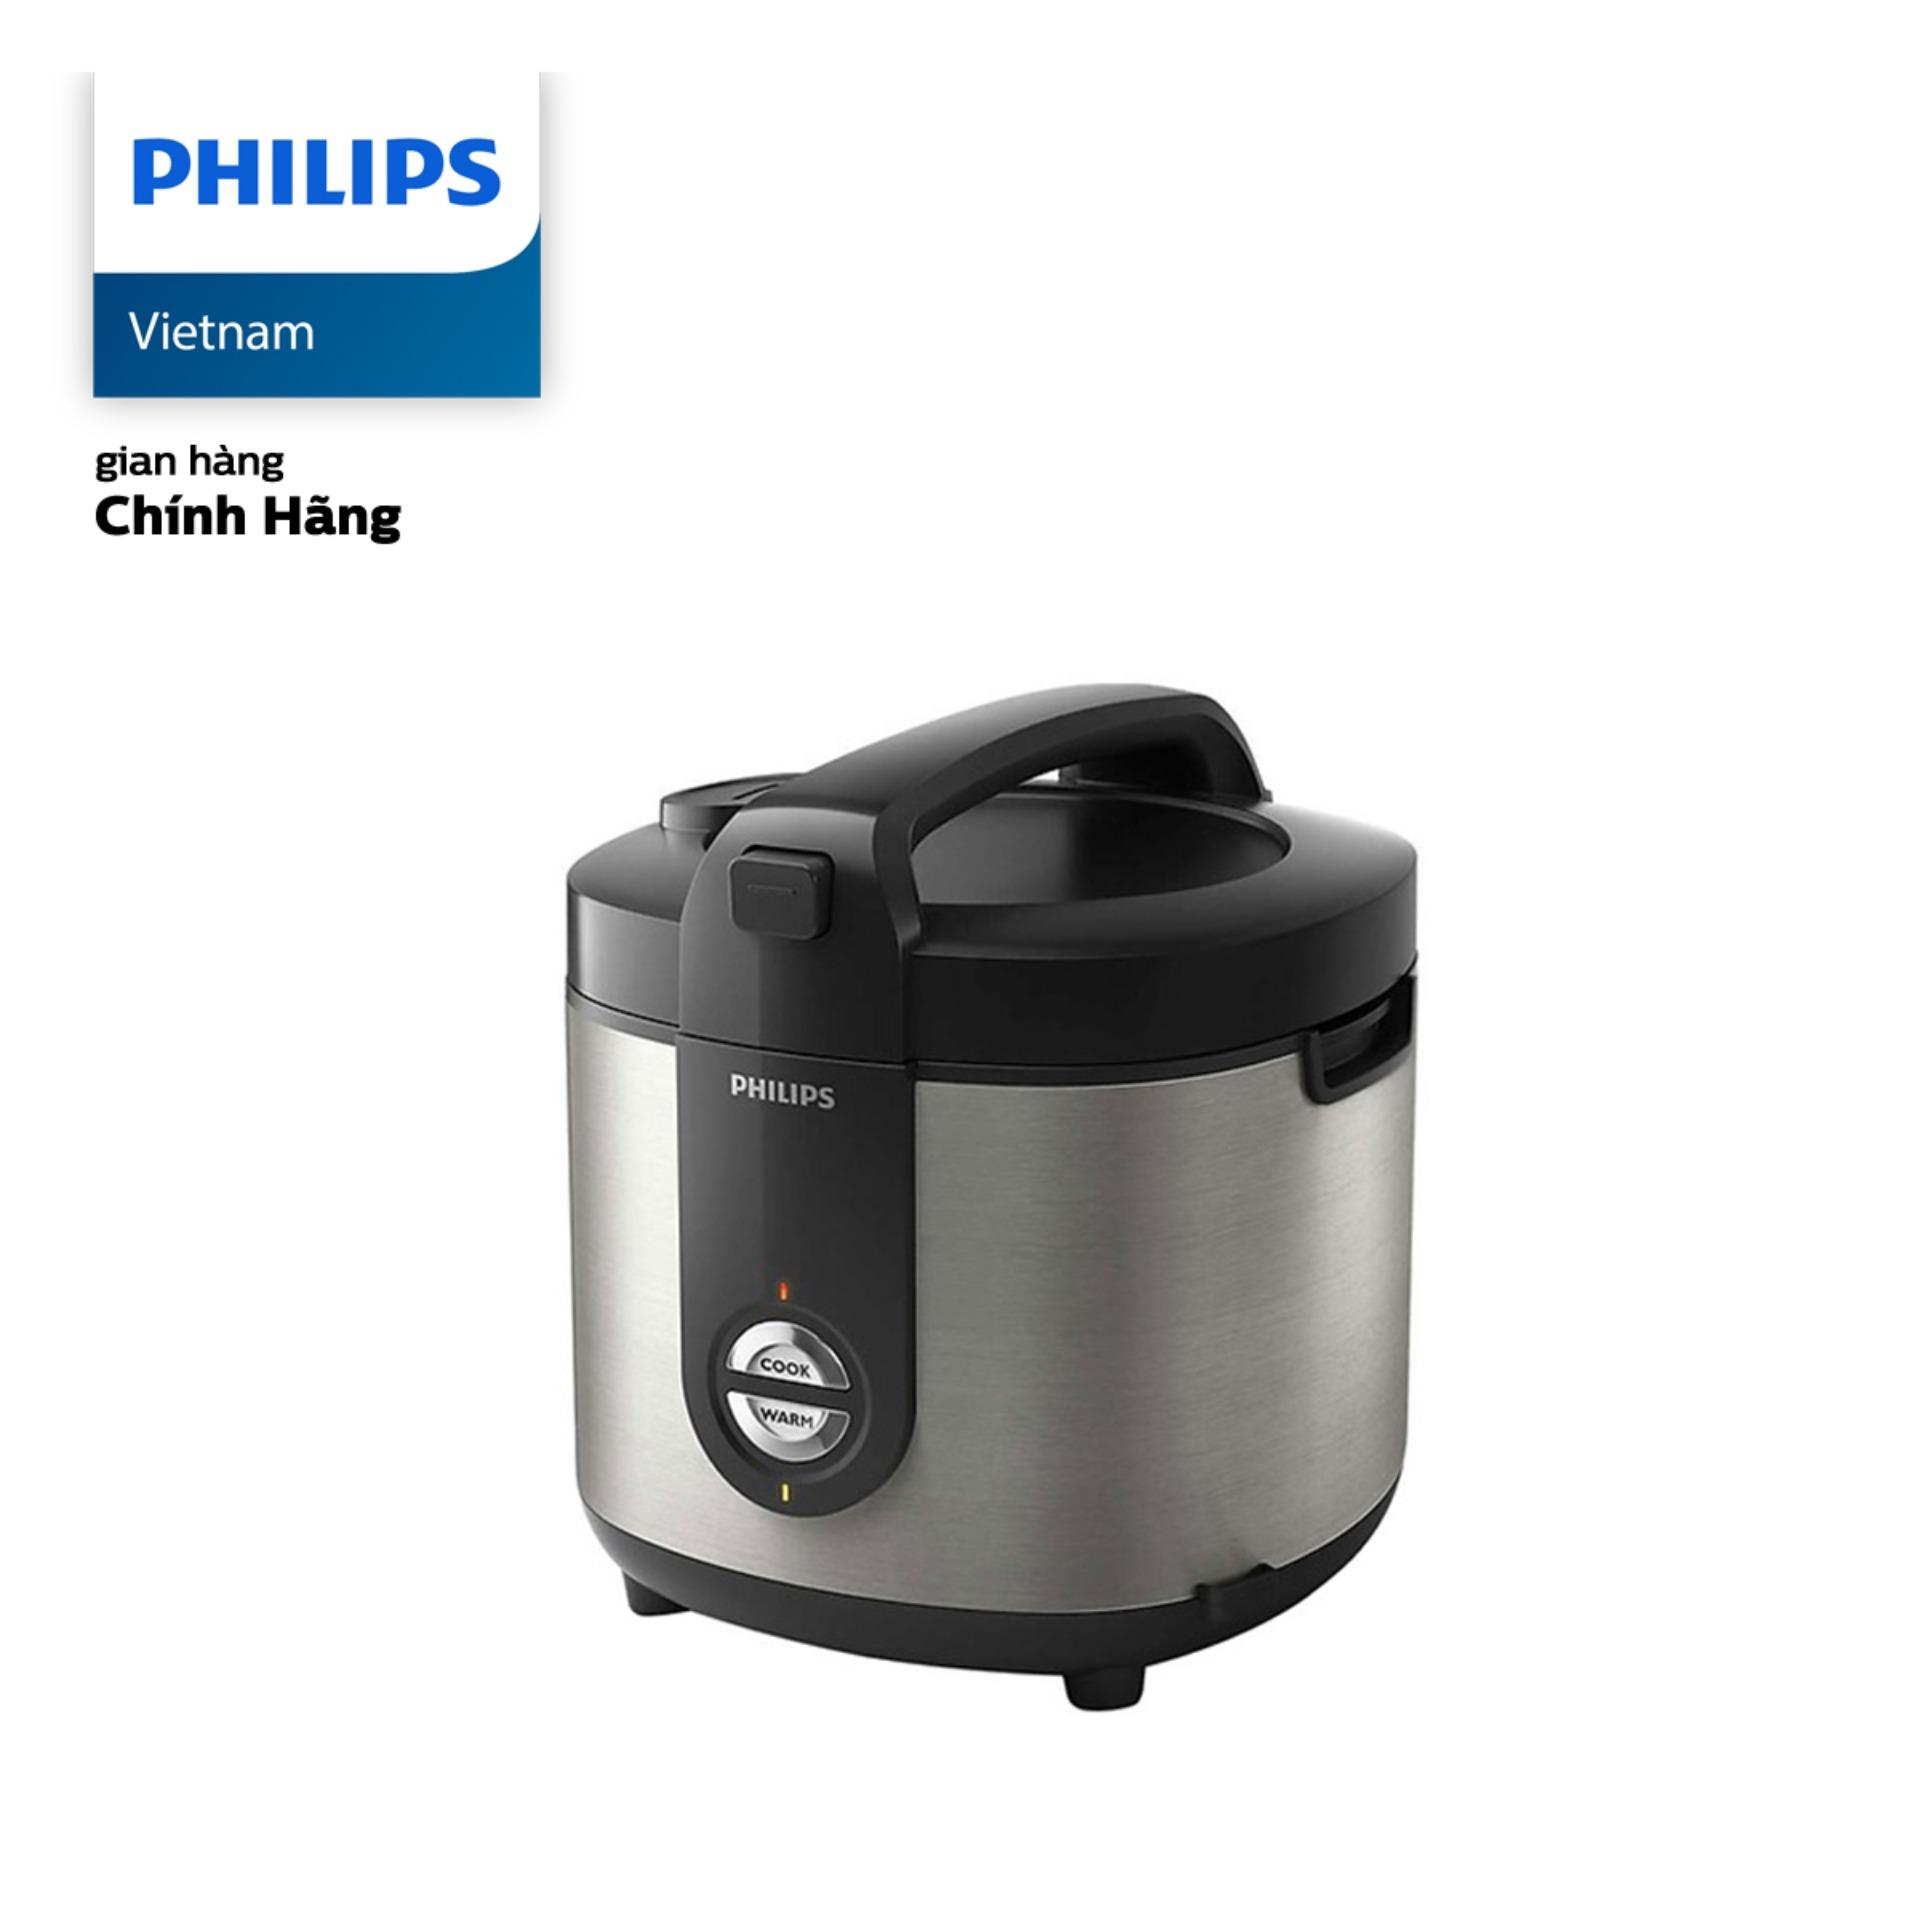 Bảng giá Nồi Cơm Điện Philips HD3132/66  (2 Lít, đen) - Hàng phân phối chính hãng - Lòng nồi 5 lớp chống dính cao cấp, hệ thống nhiệt 3D Điện máy Pico